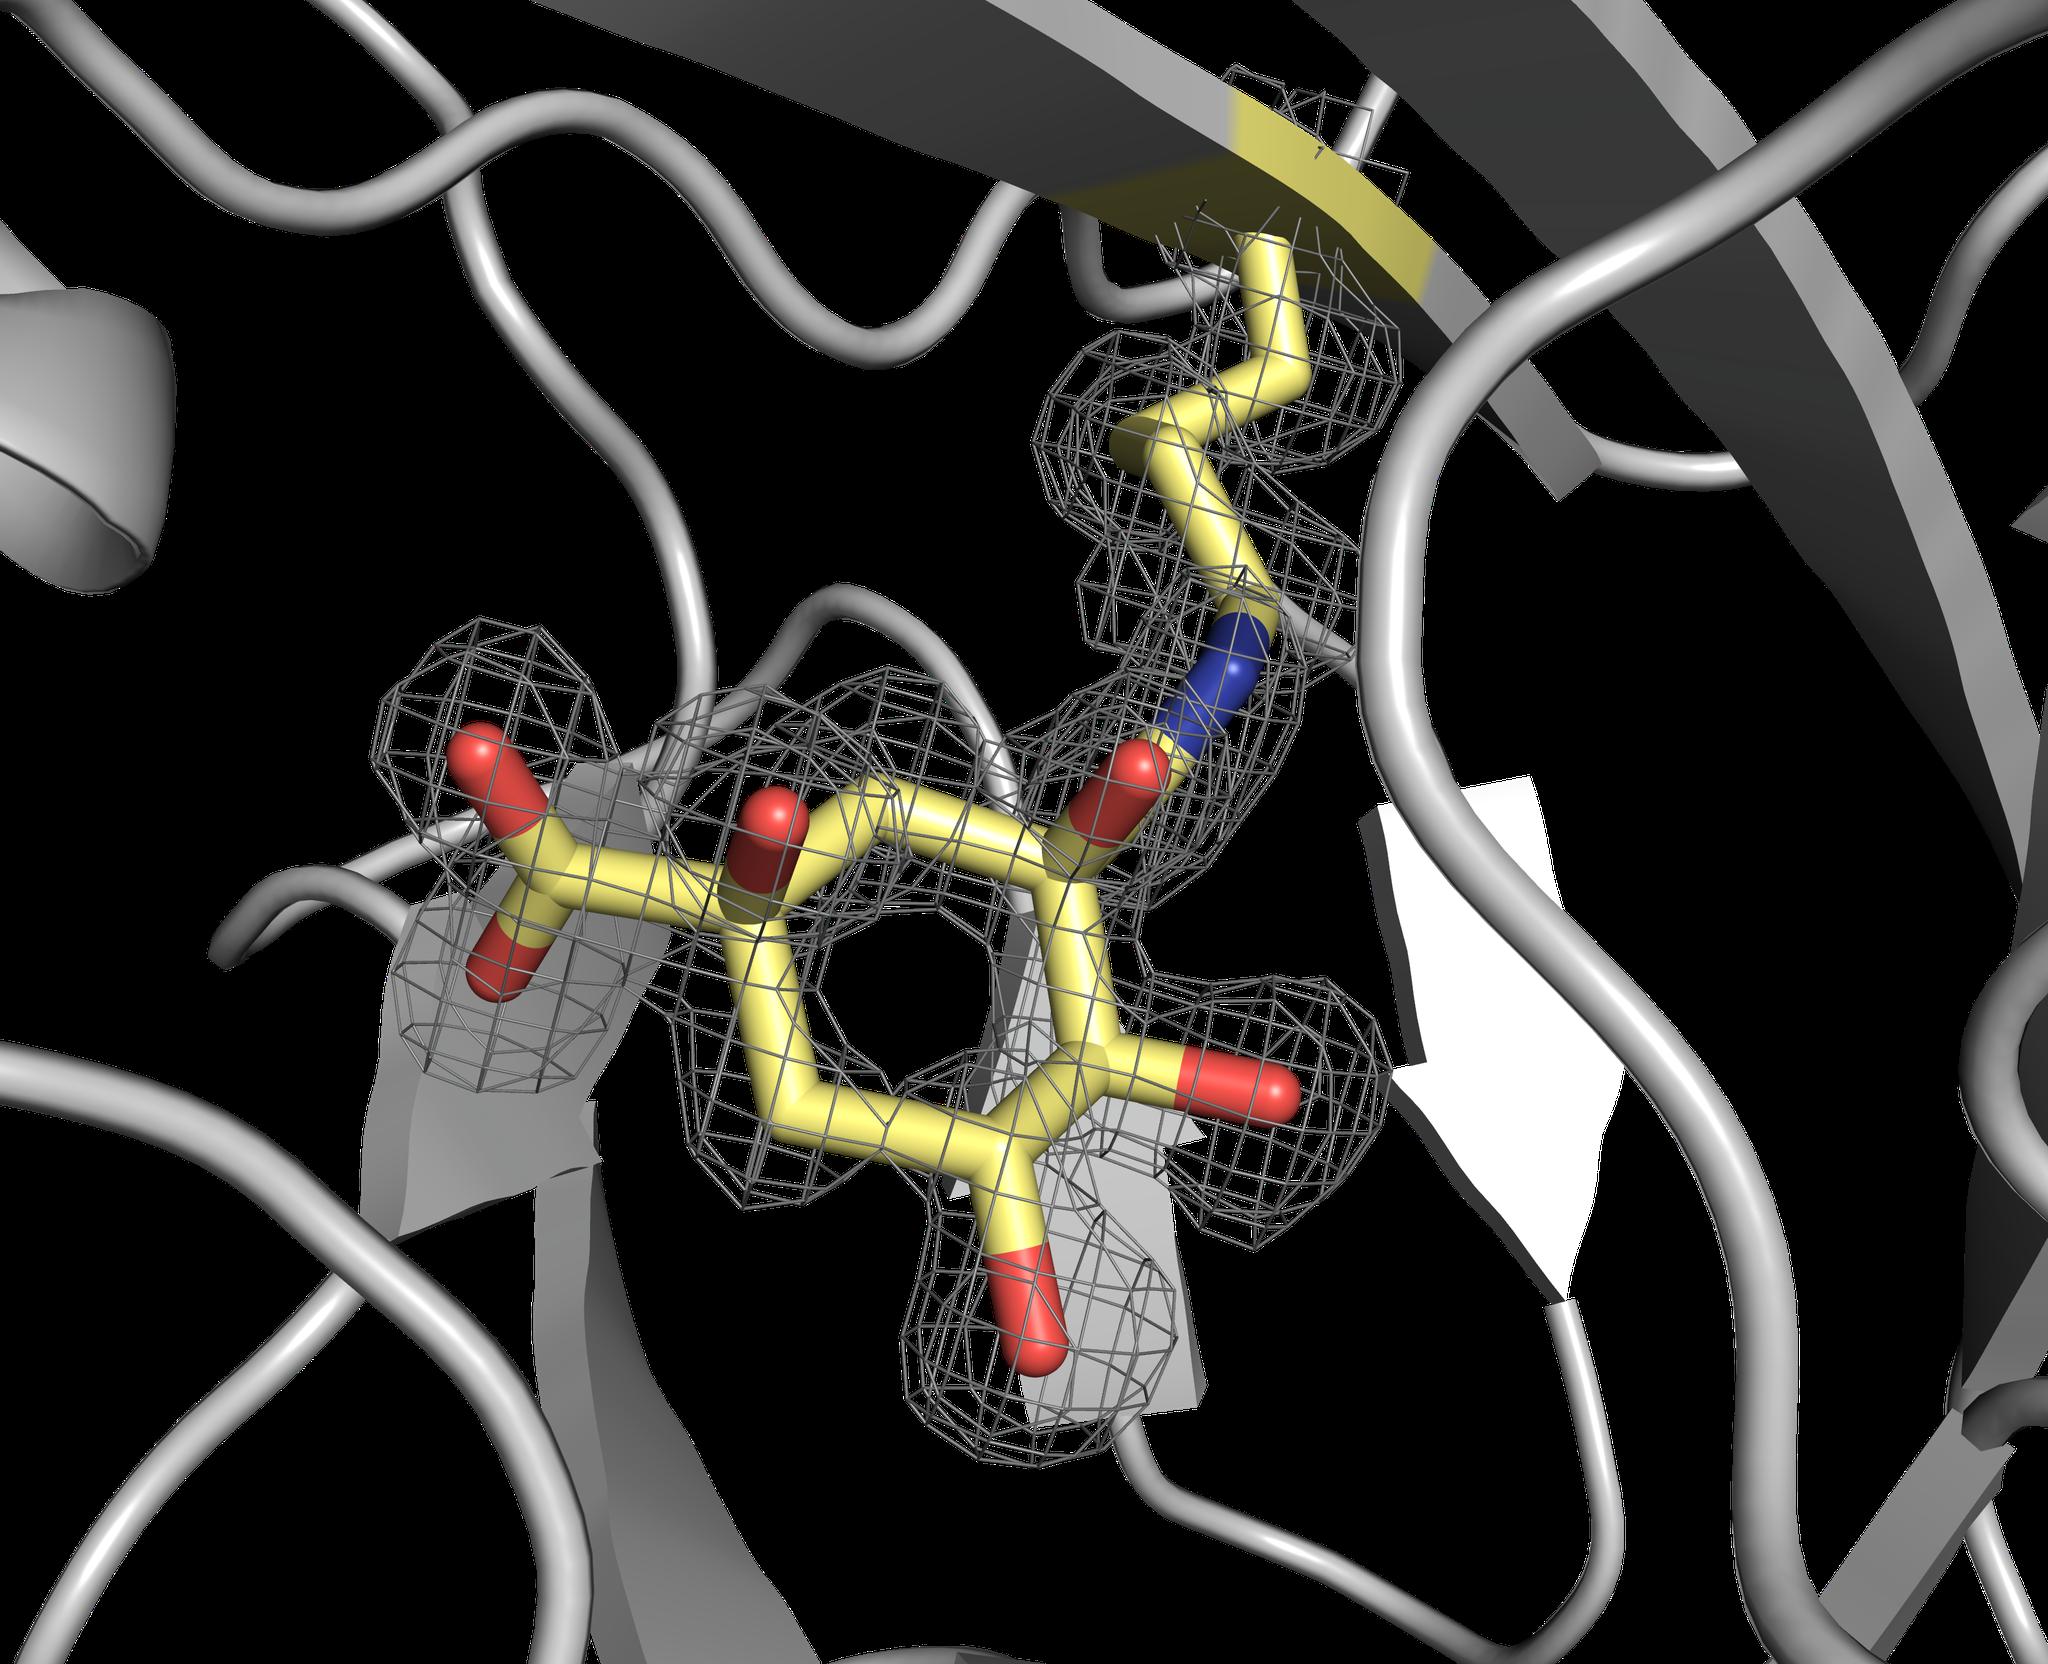 PDB 4UIO, 1.35 A